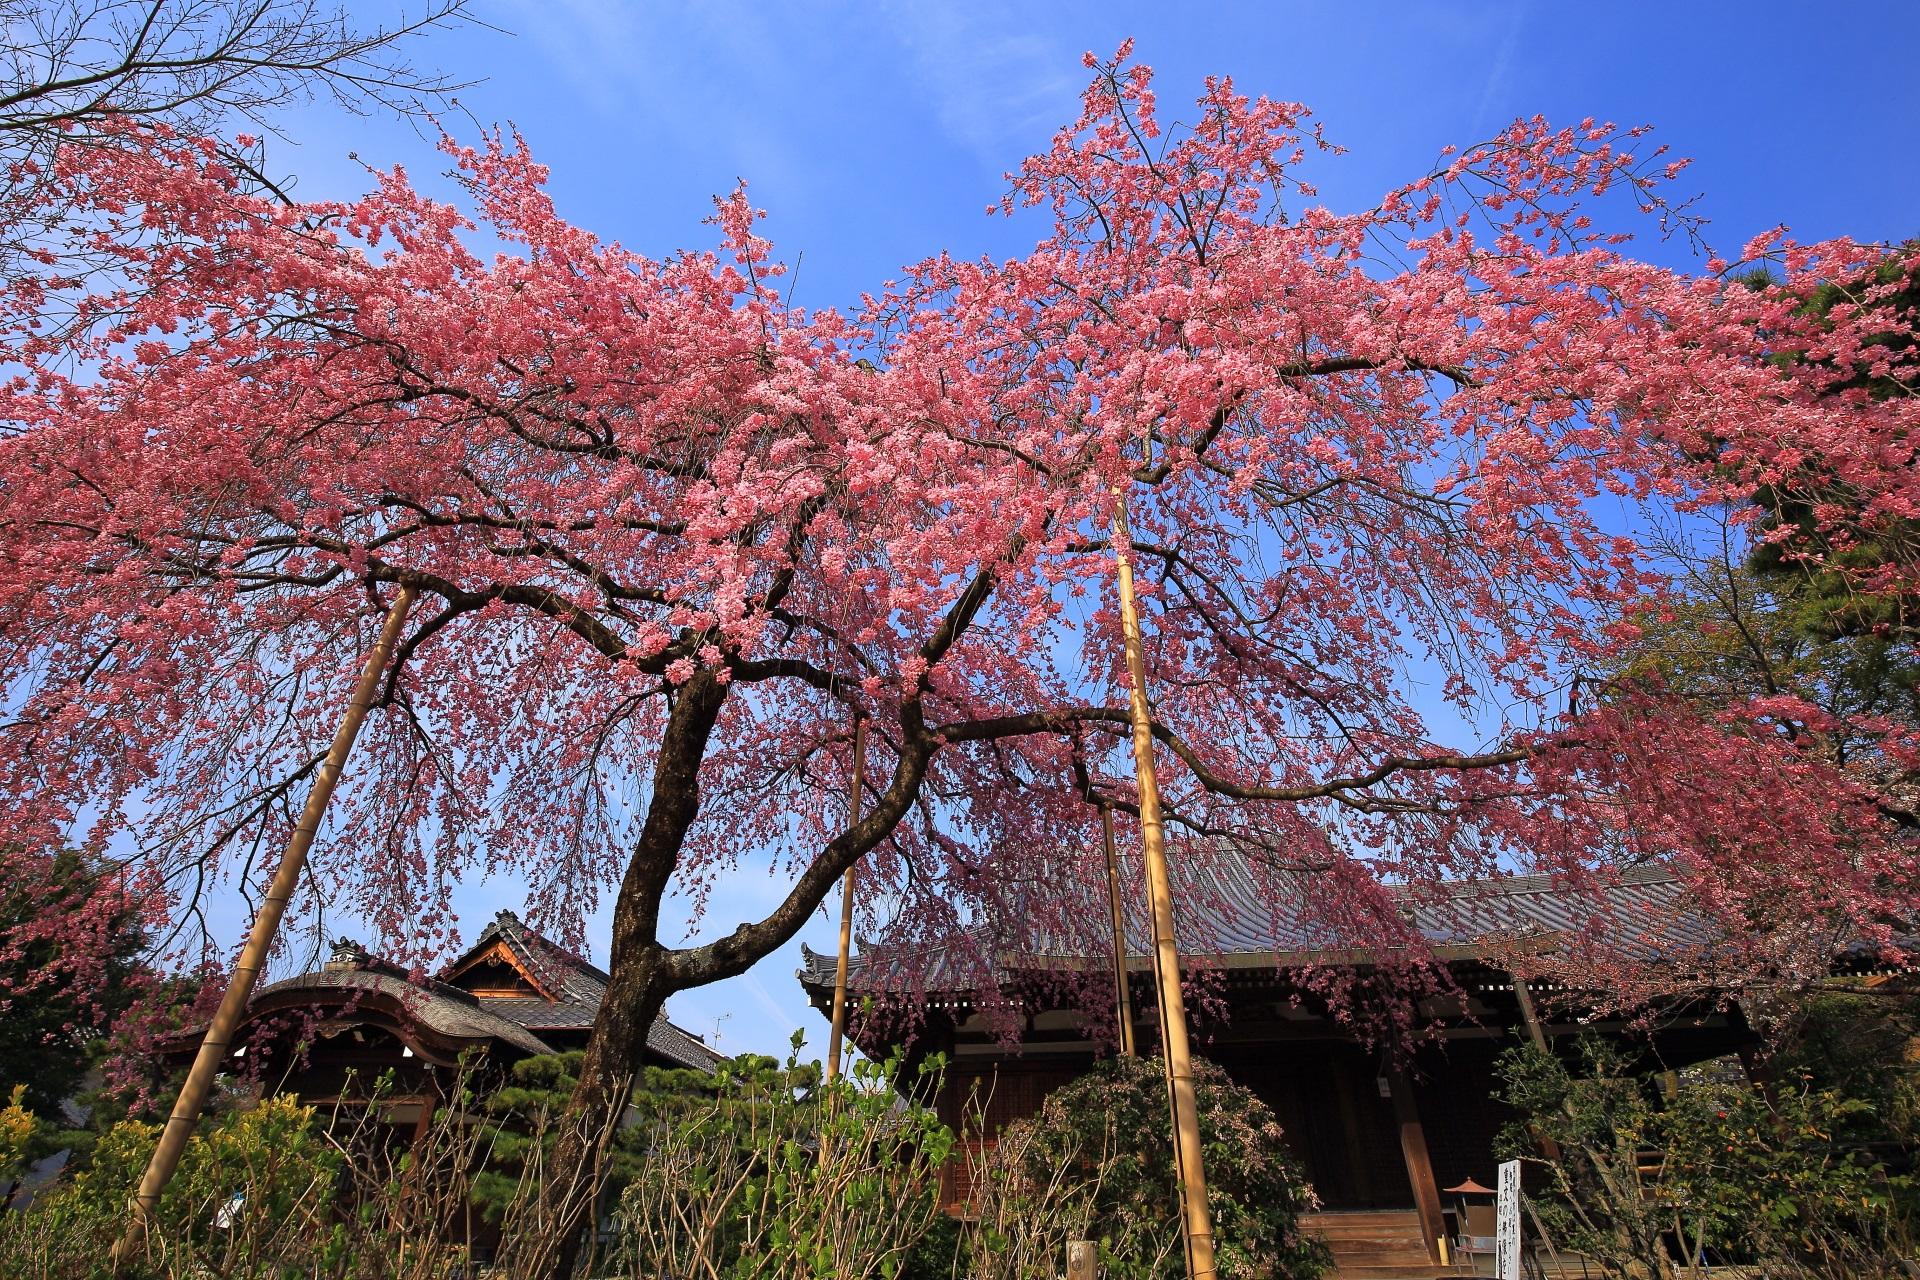 法金剛院 桜 春の水辺の彩りと待賢門院桜